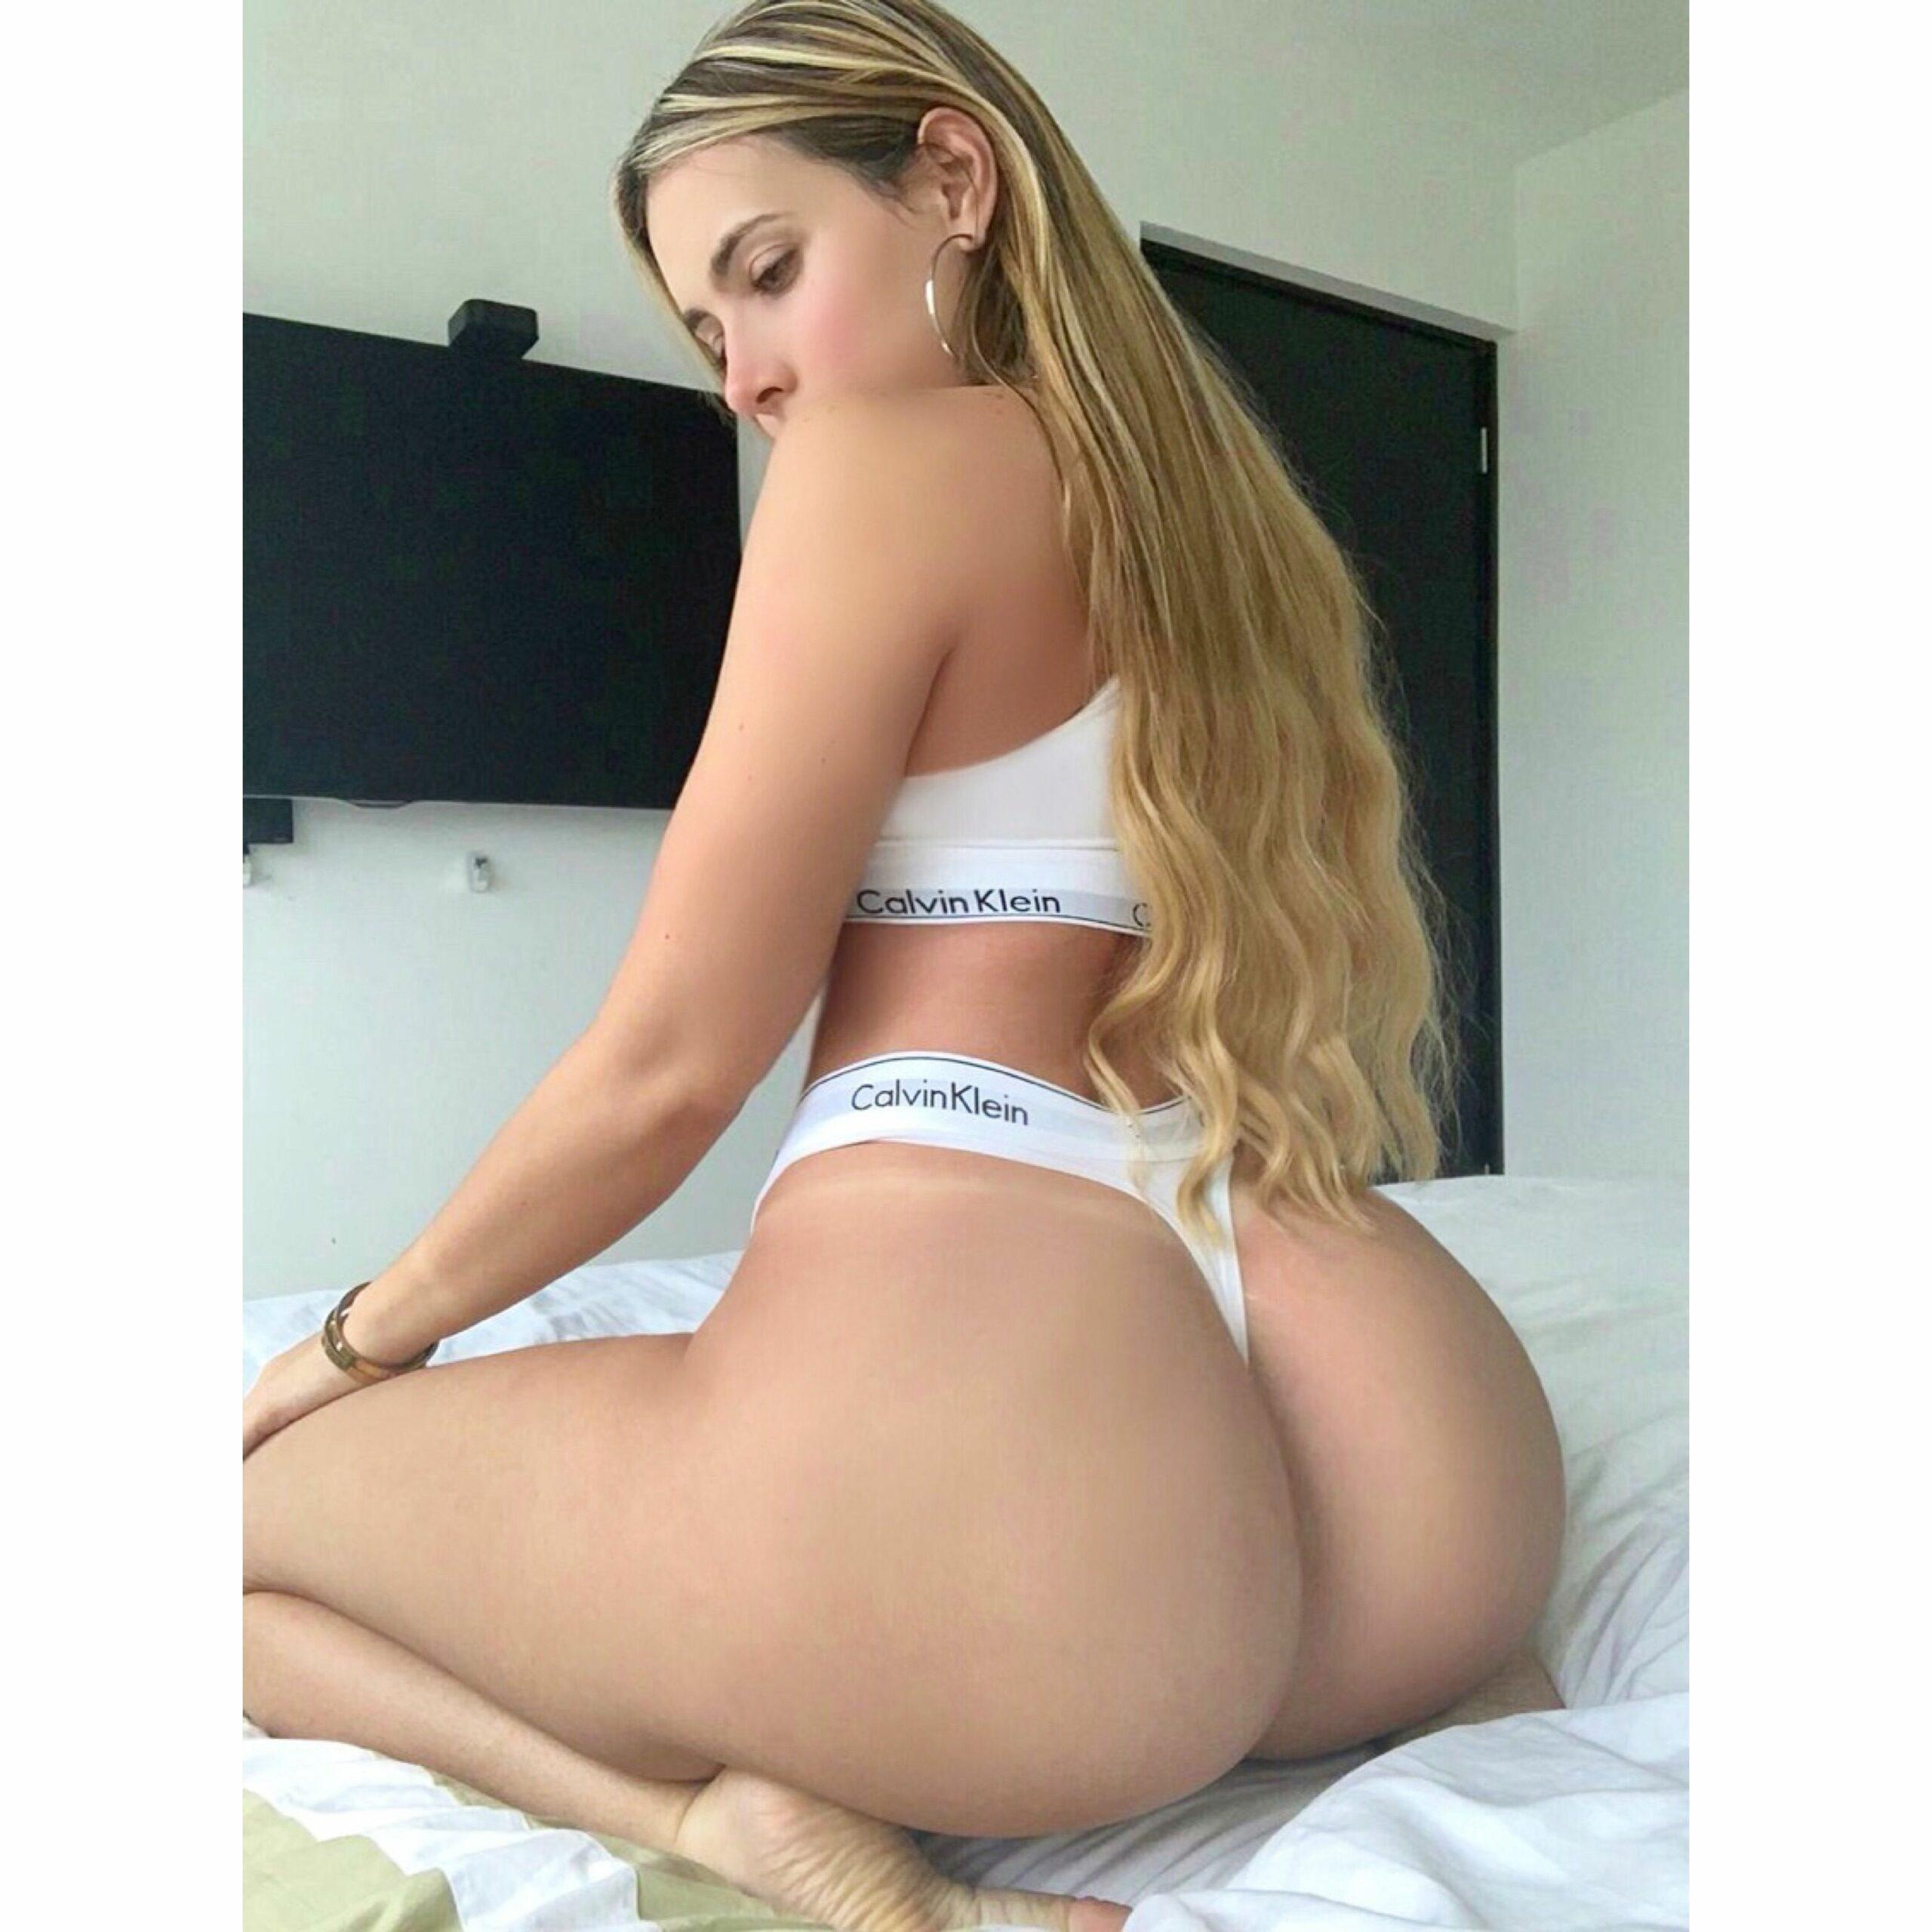 Vanessa bohorquez leaked fotos hot 1